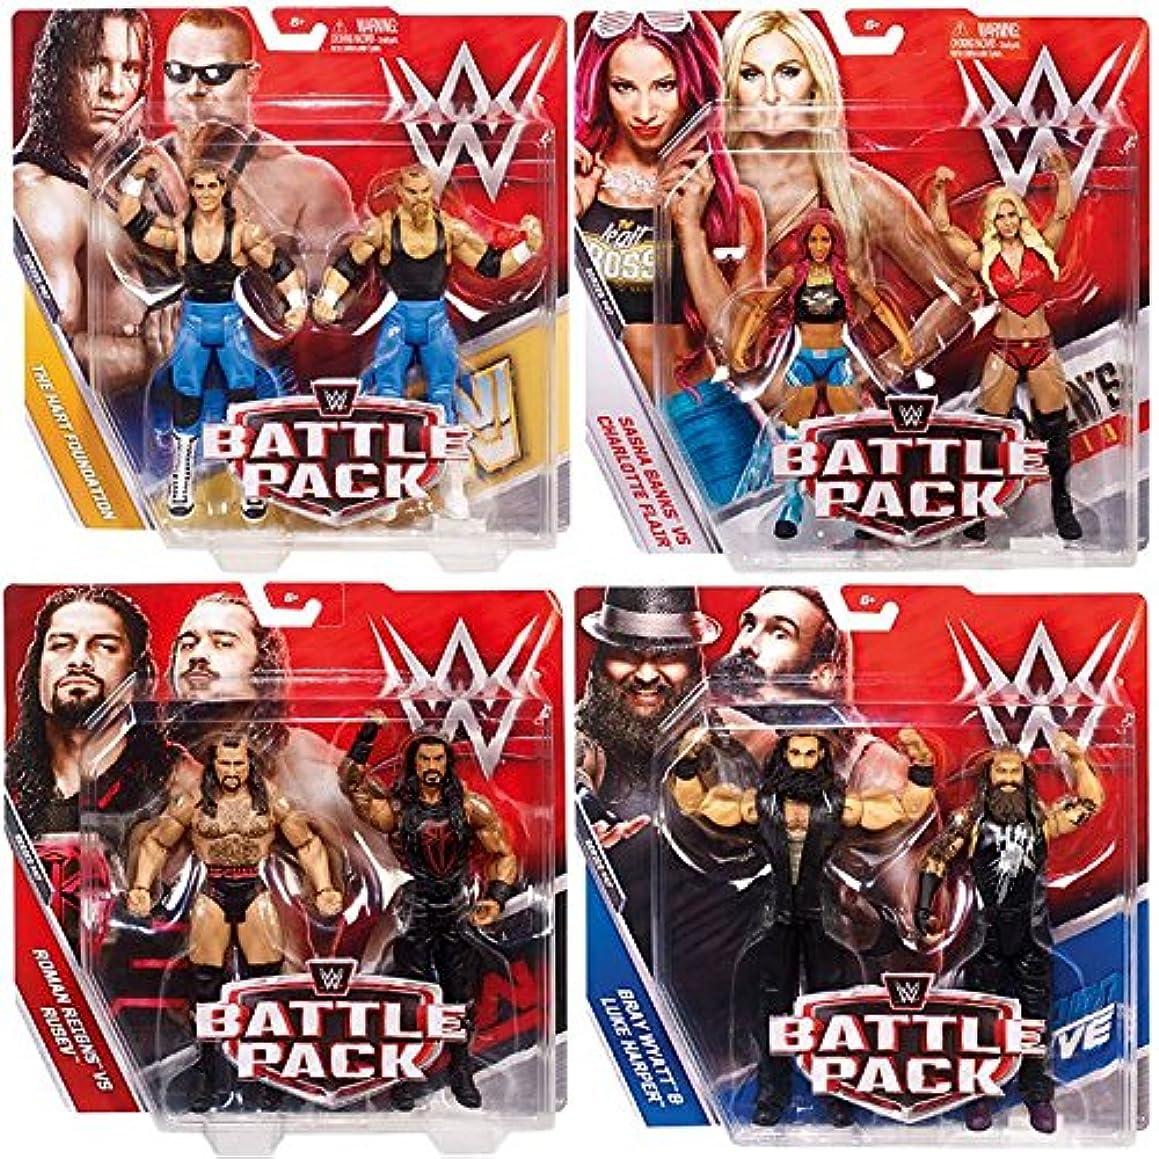 WWE Battle Packs 47 - Complete Set of 4 Mattel Toy Wrestling Figure 2-Packs